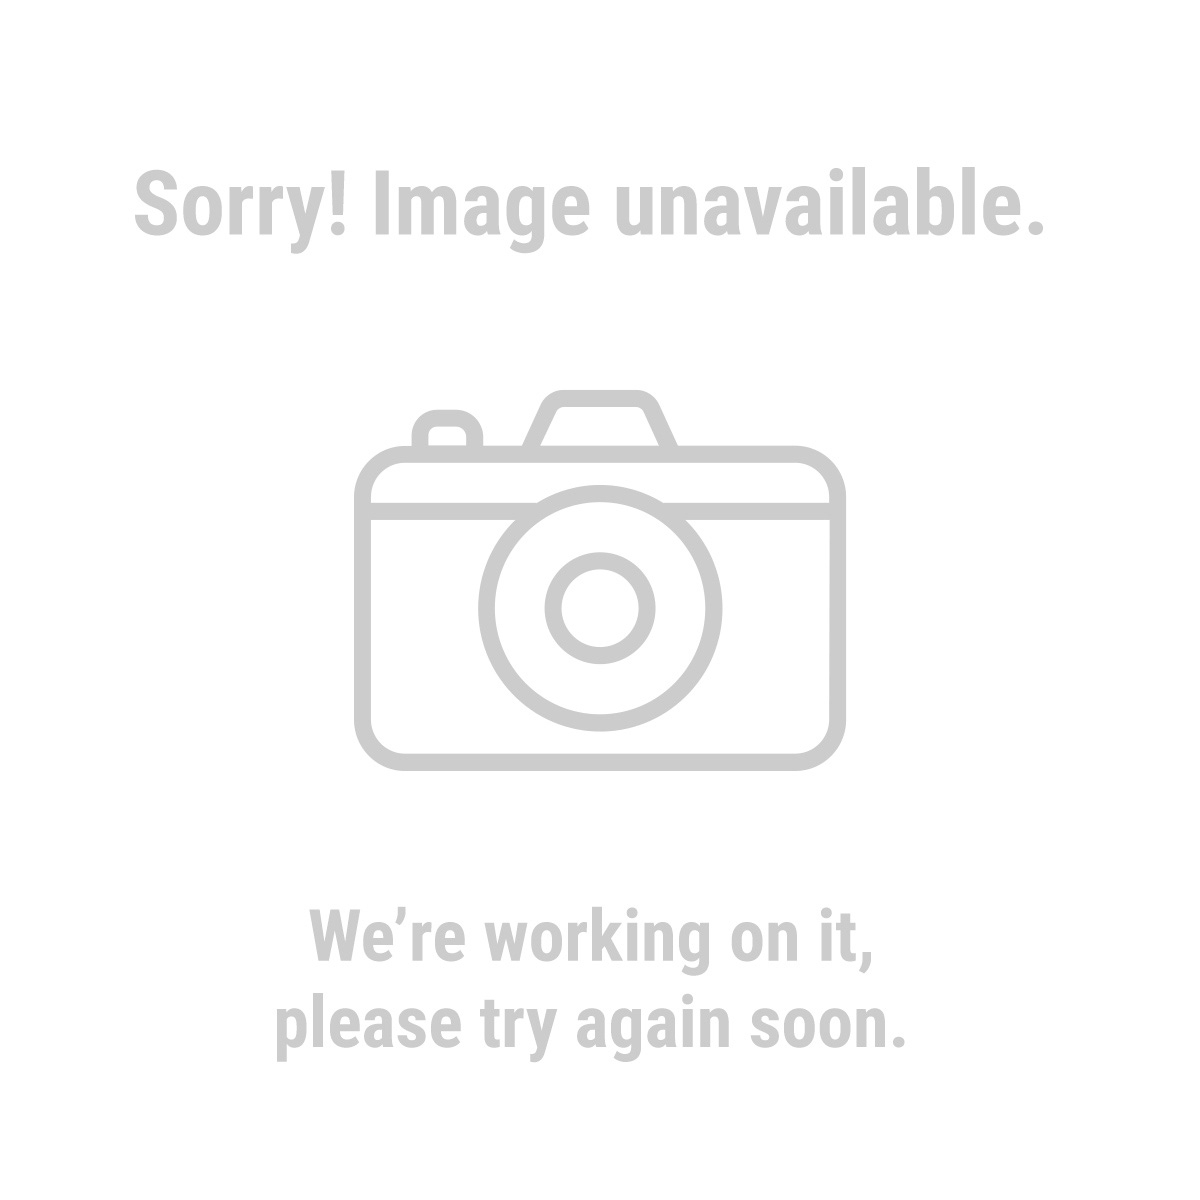 5 40 Lbs  Medium Ceramic Abrasive Polishing Tumbler Media